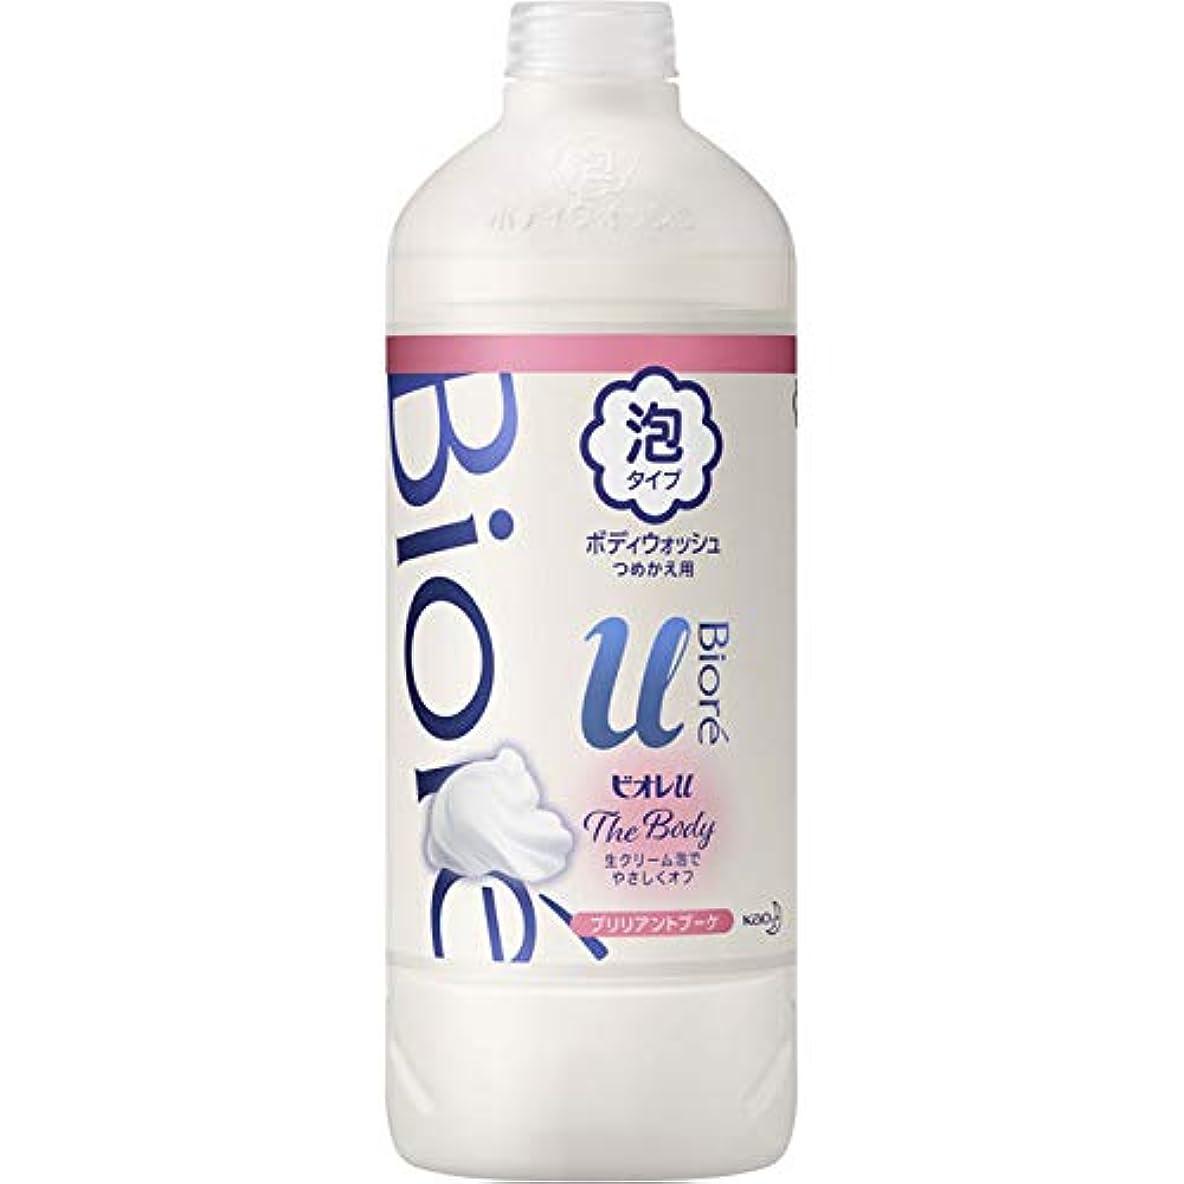 なす染料あたり花王 ビオレu ザ ボディ泡ブリリアントブーケの香り 詰替え用 450ml